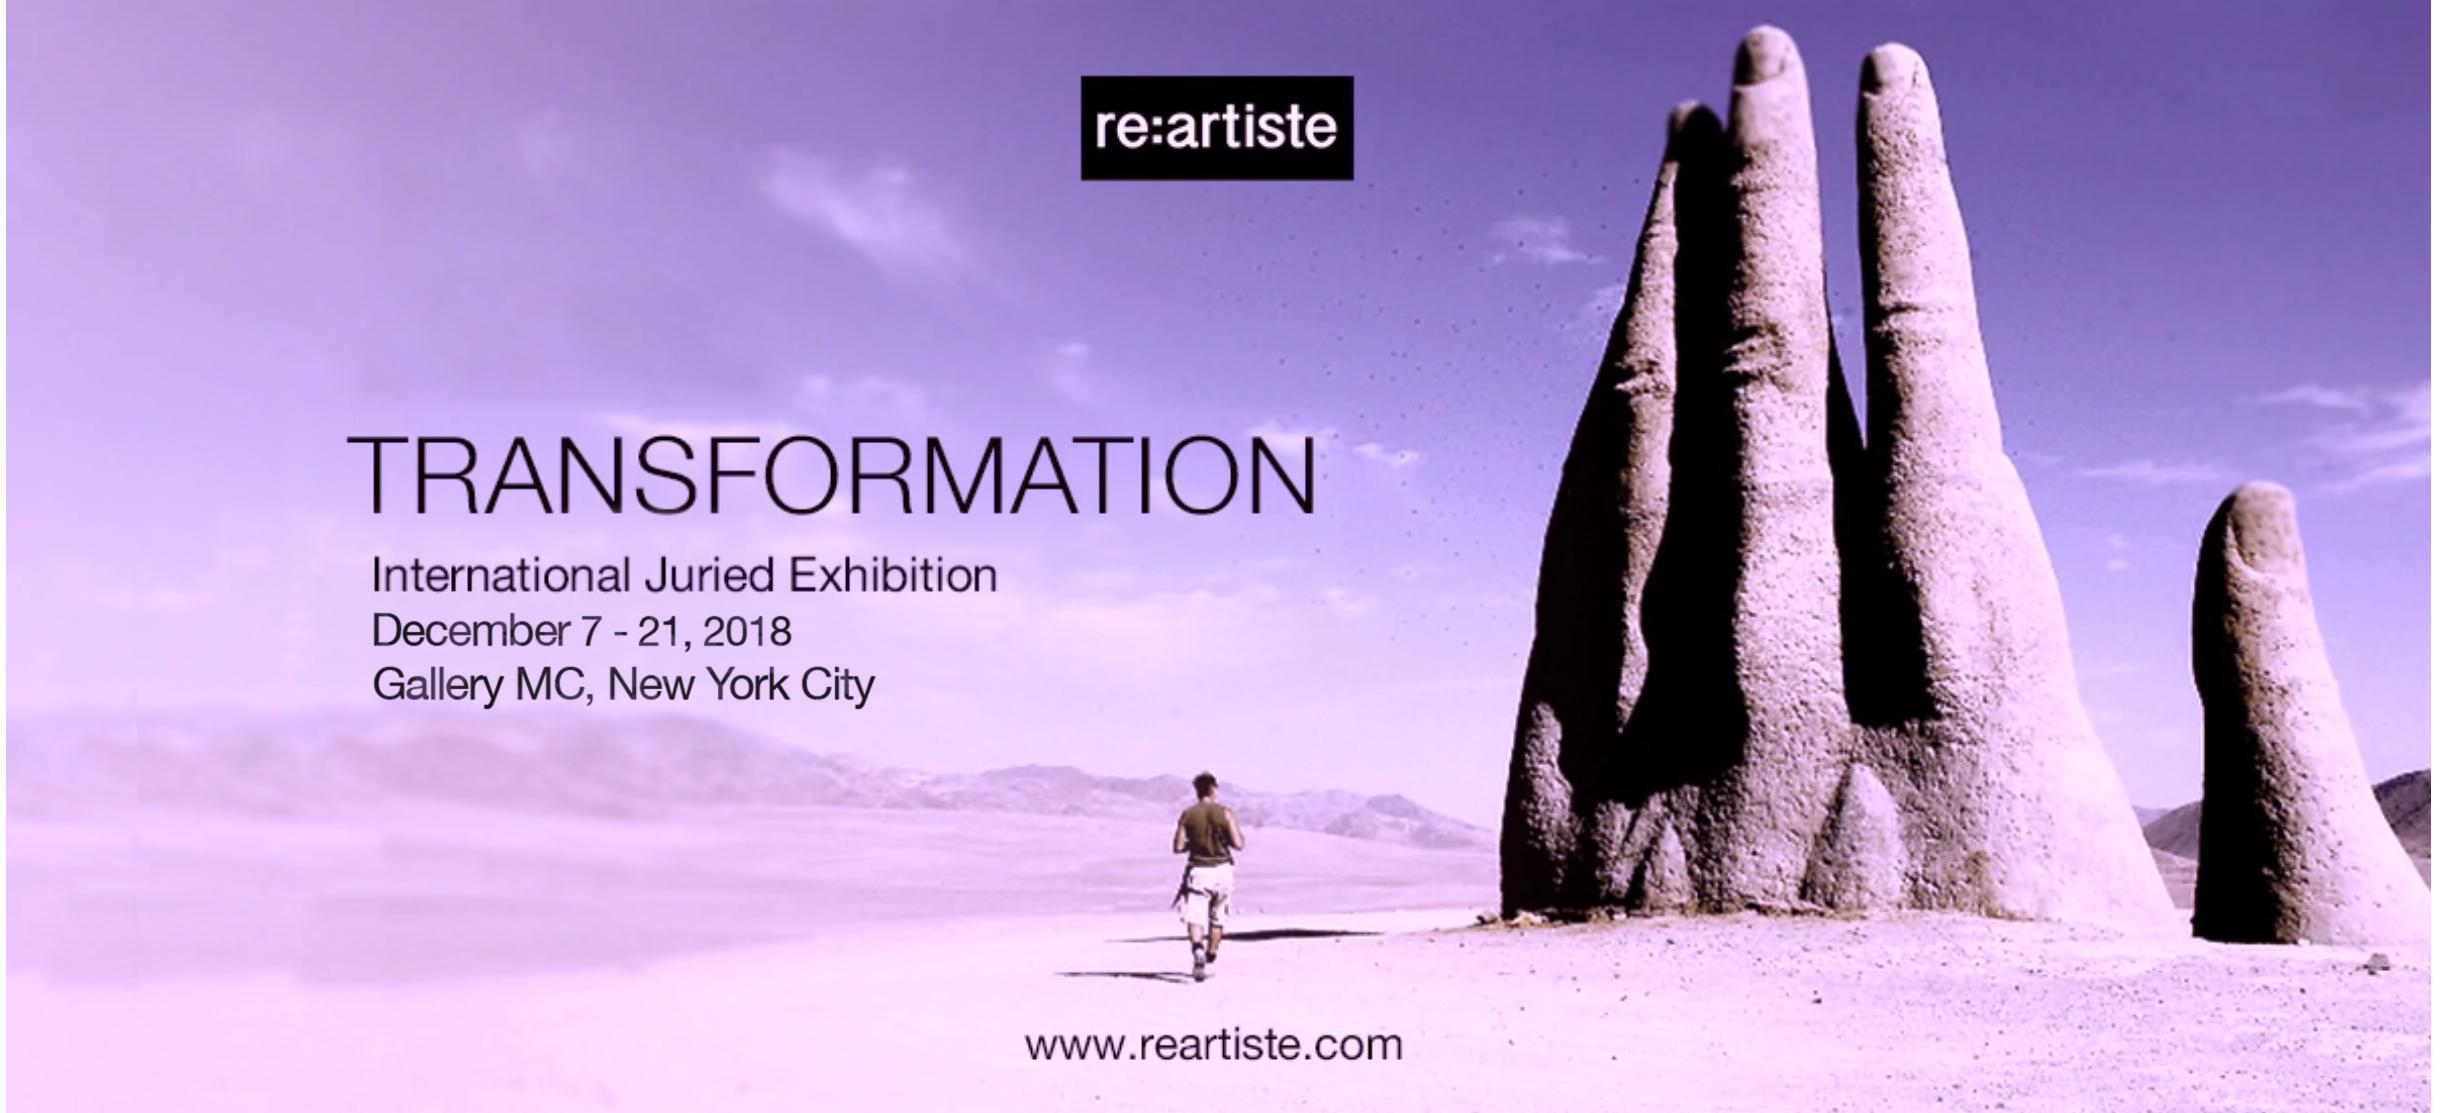 flyer-transformation-2018.jpg